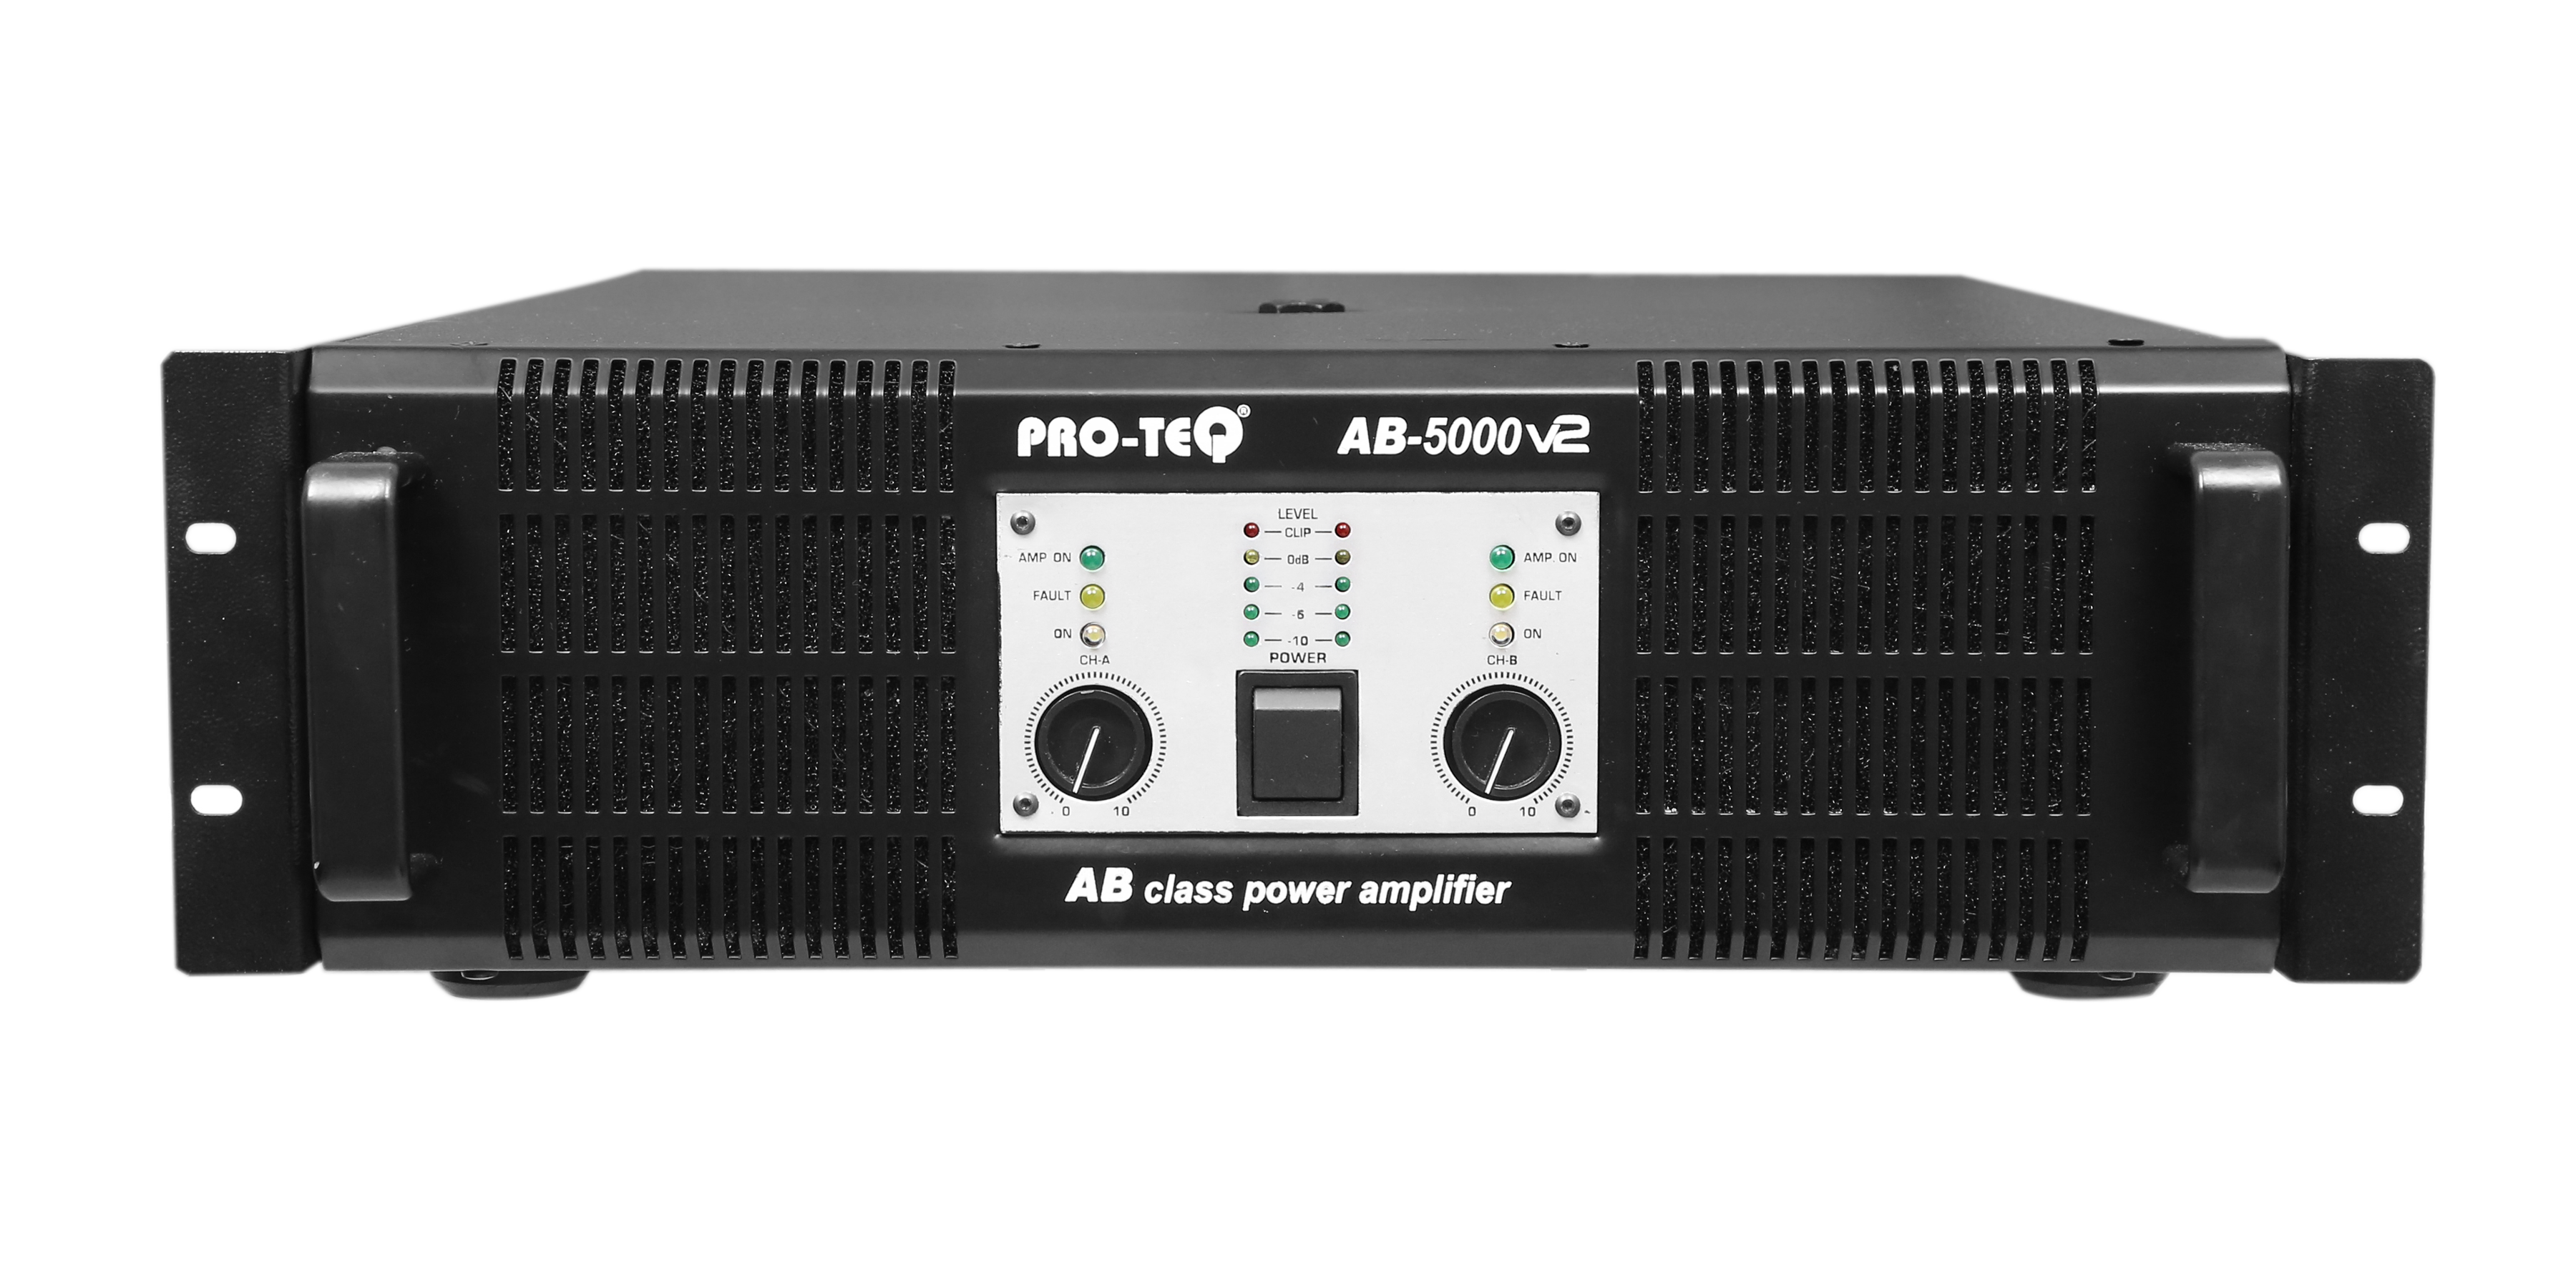 AB-5000V2